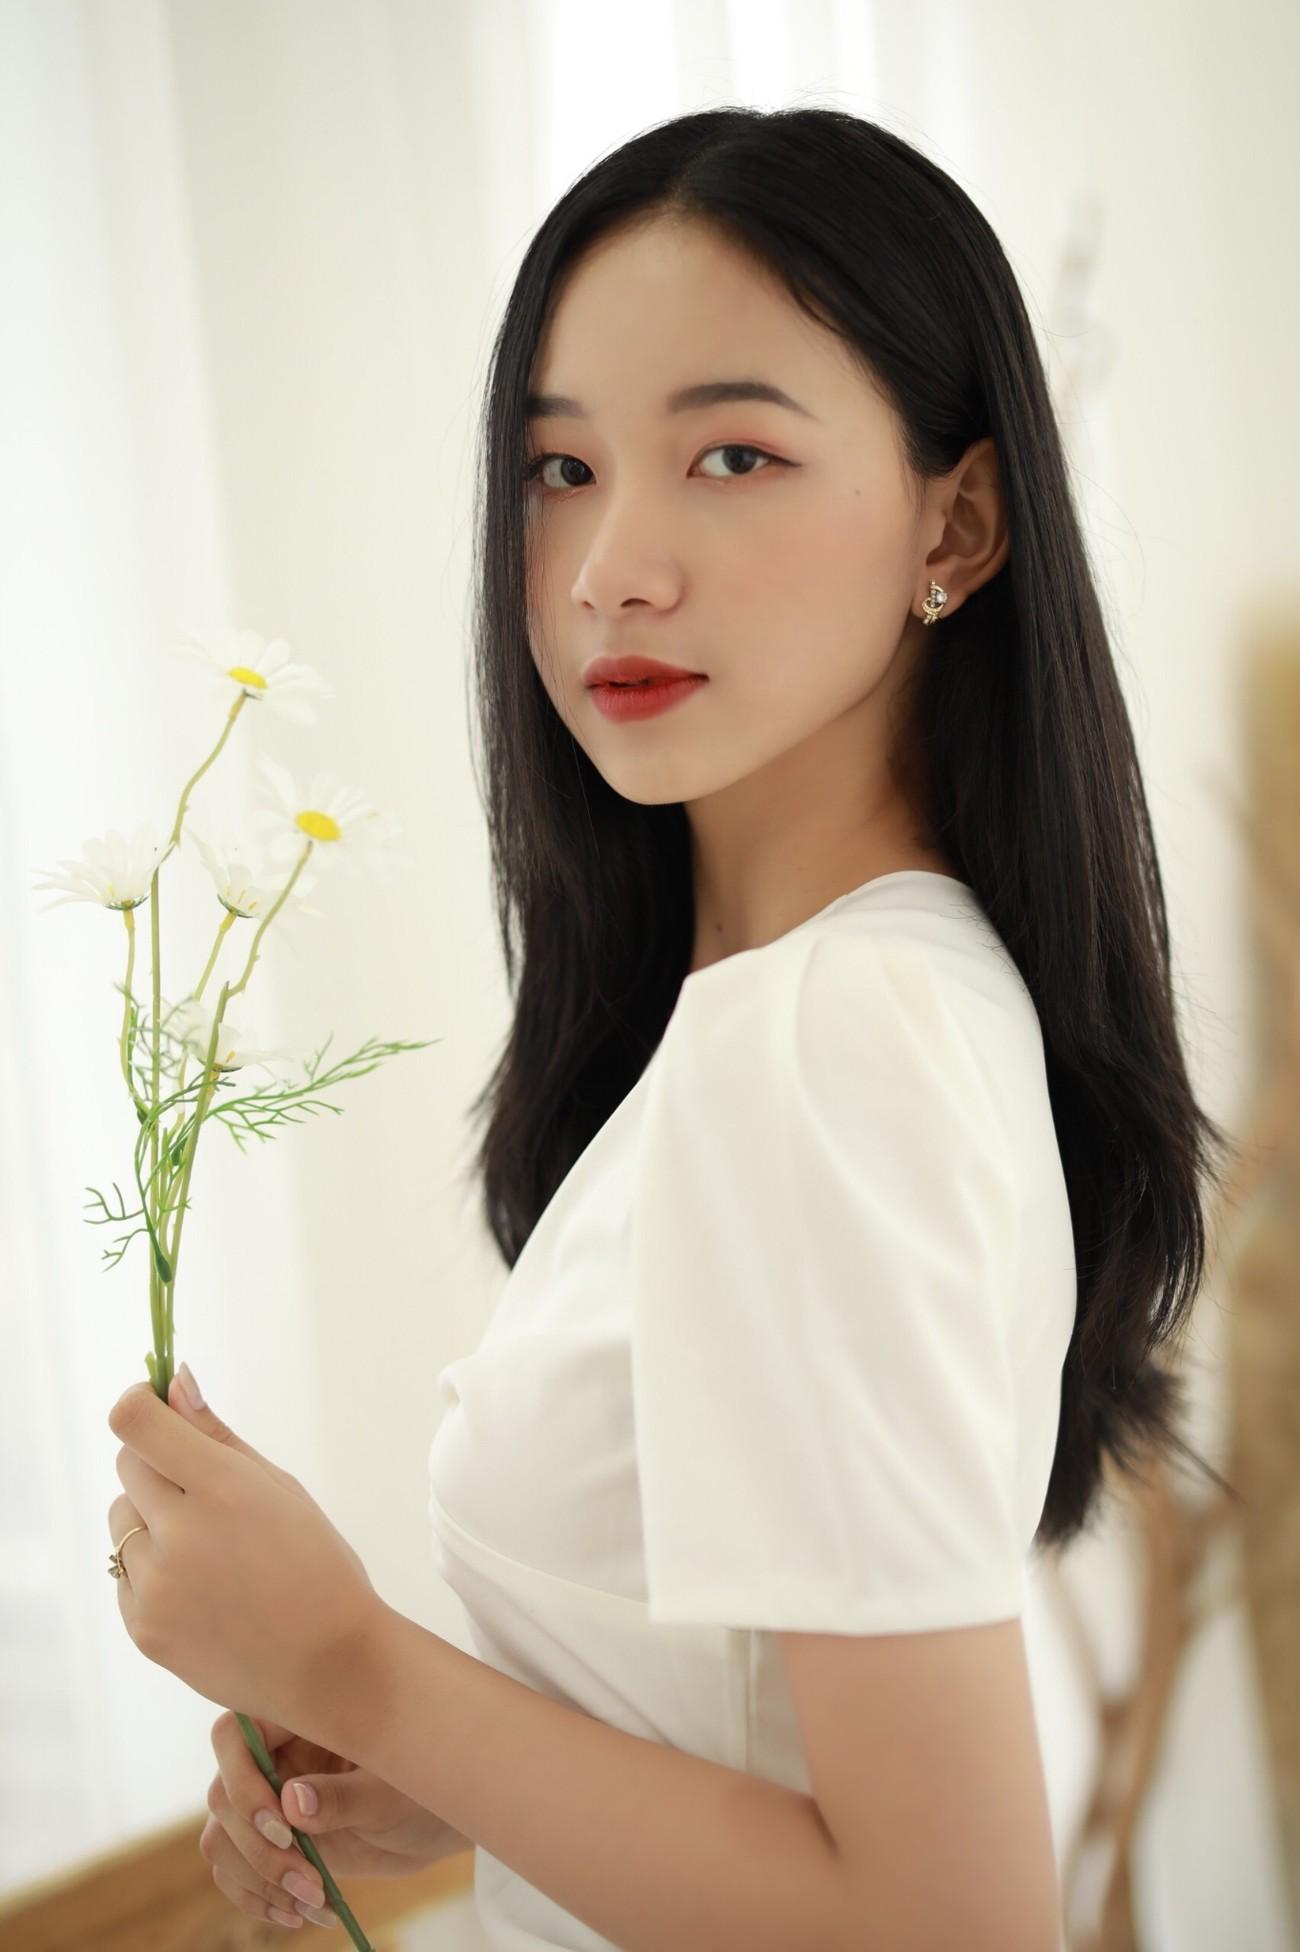 Người đẹp Cẩm Đan kiêu kỳ, Minh Anh xinh đẹp tựa nữ thần ảnh 16